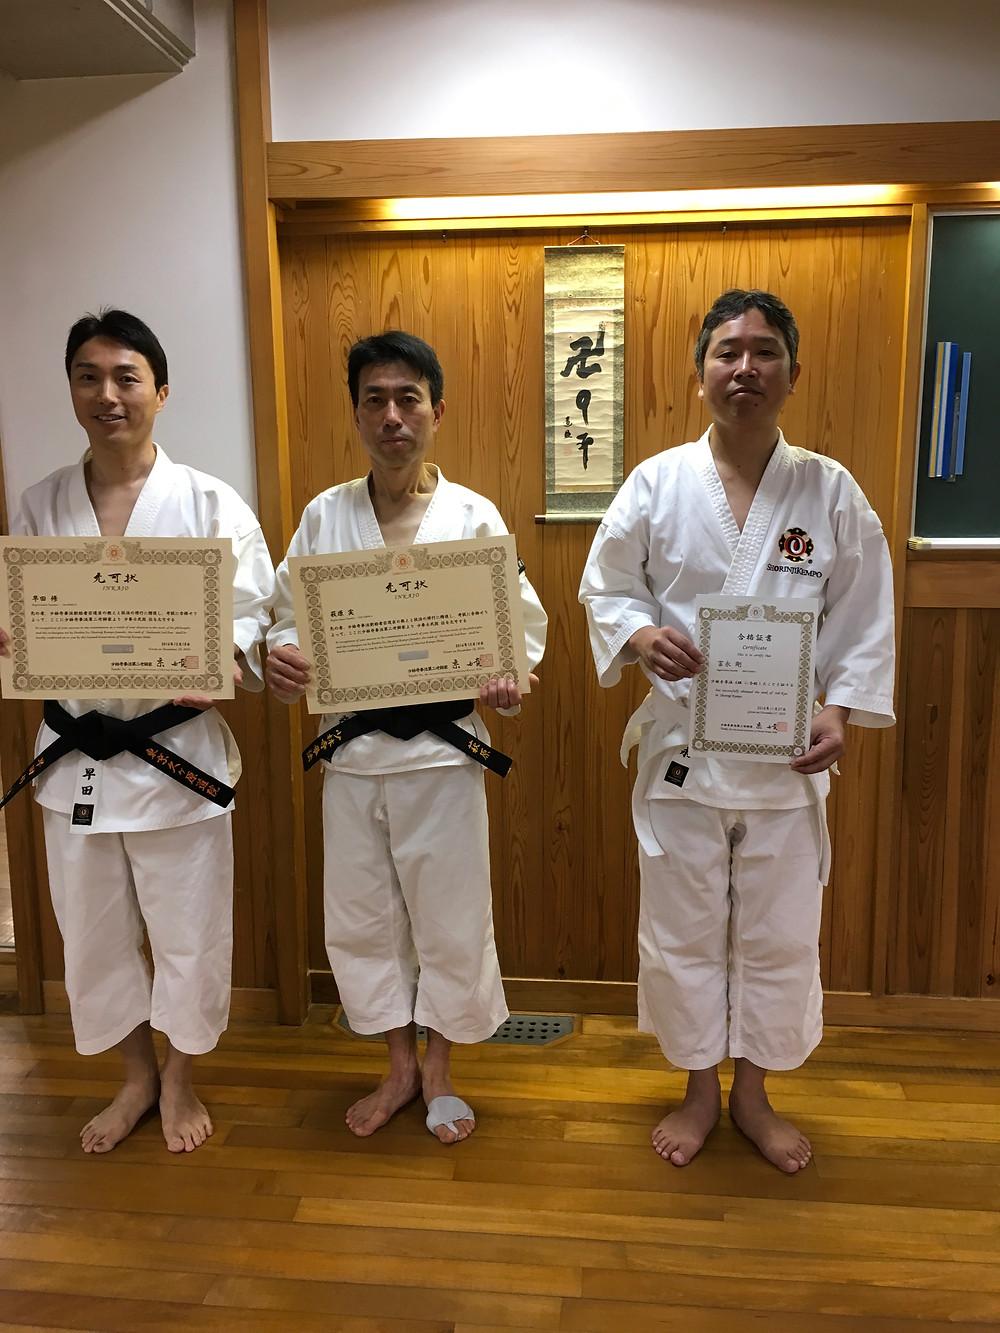 萩原拳士、早田拳士が2段に、富永拳士が6級に合格しました。